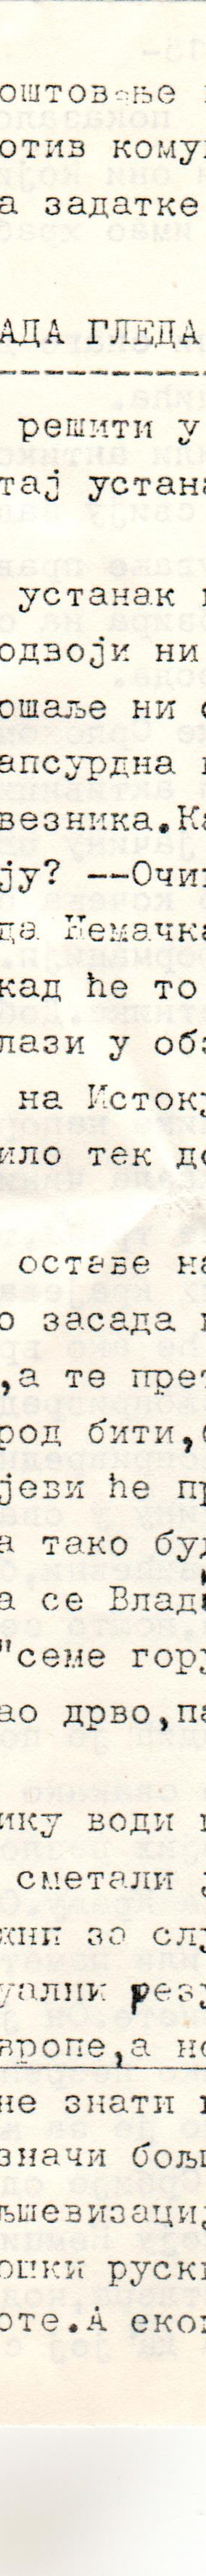 19.jpeg